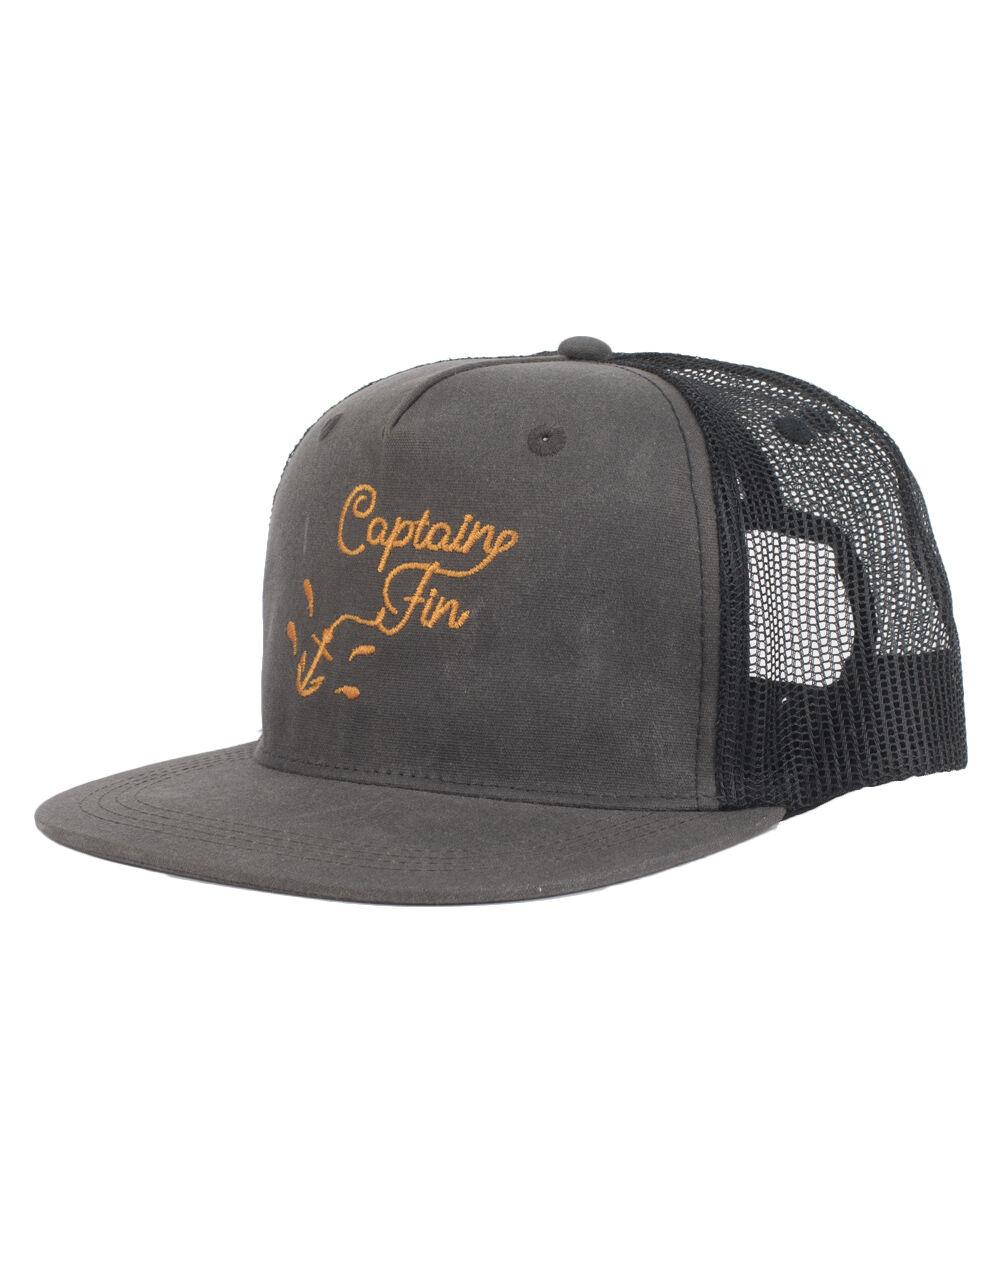 Image of CAPTAIN FIN ANKER TRUCKER HAT